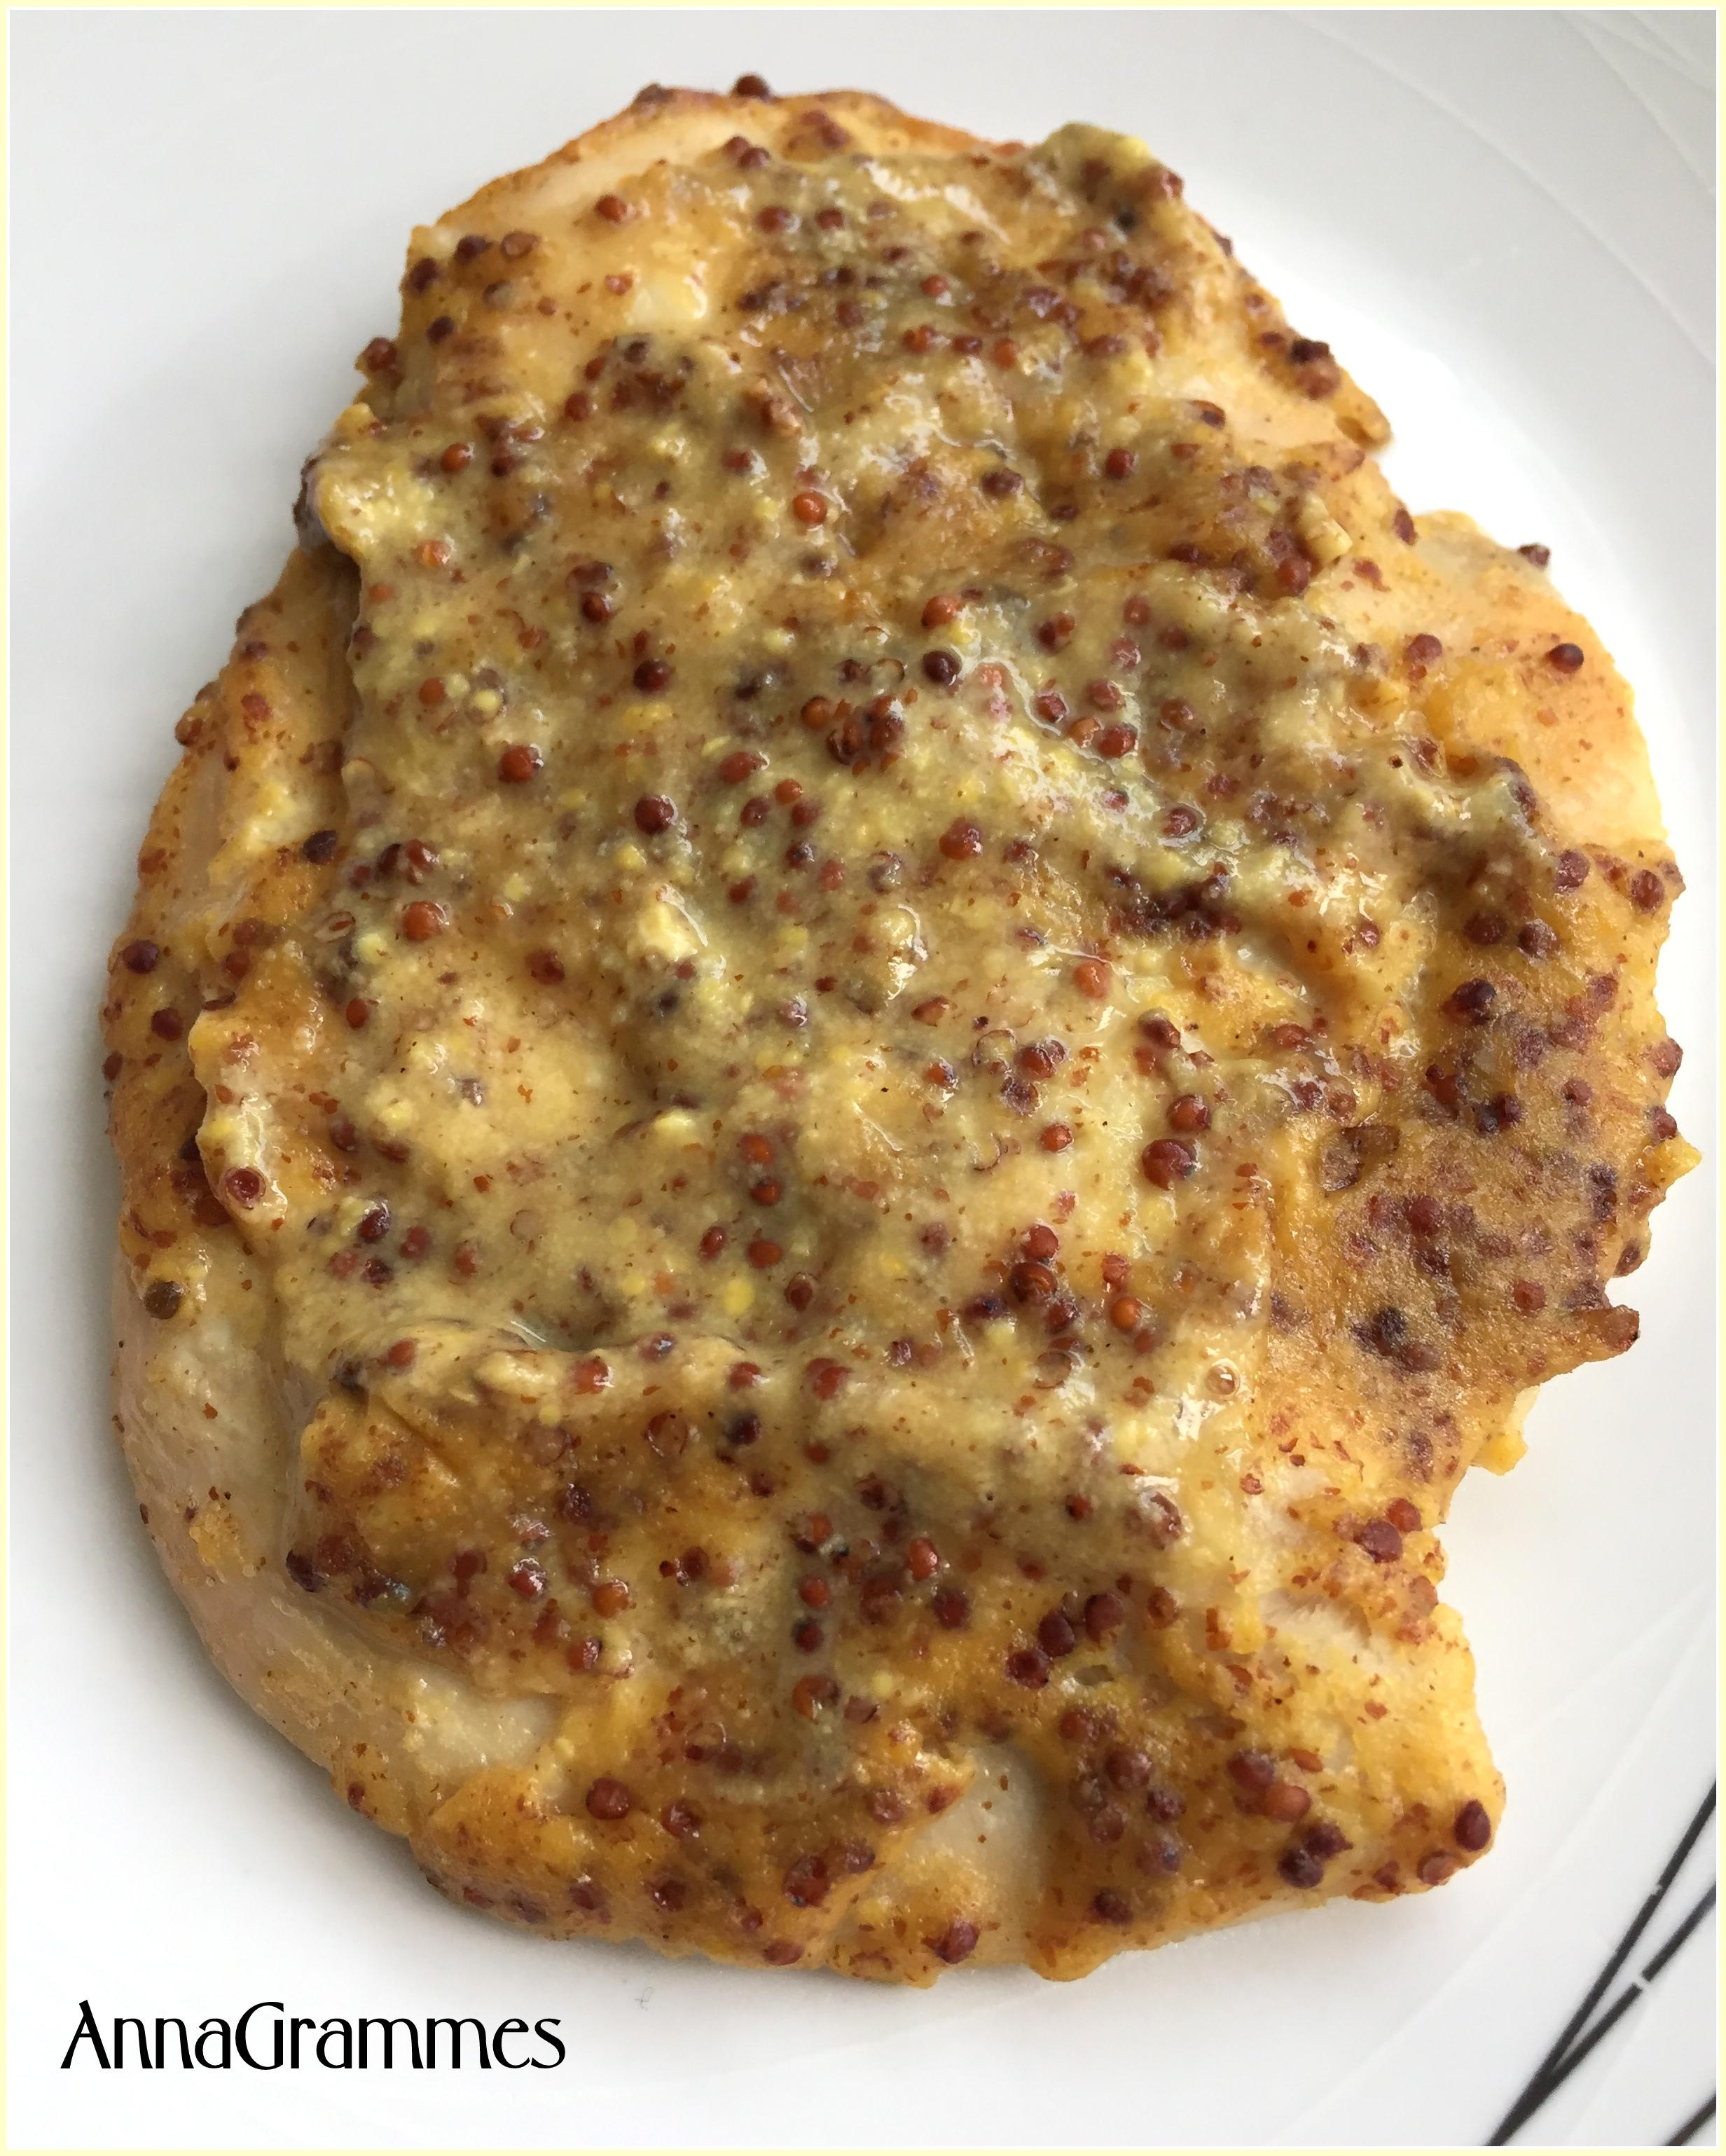 Escalopes de dinde miel moutarde annagrammes cuisine - Cuisiner escalopes de dinde ...